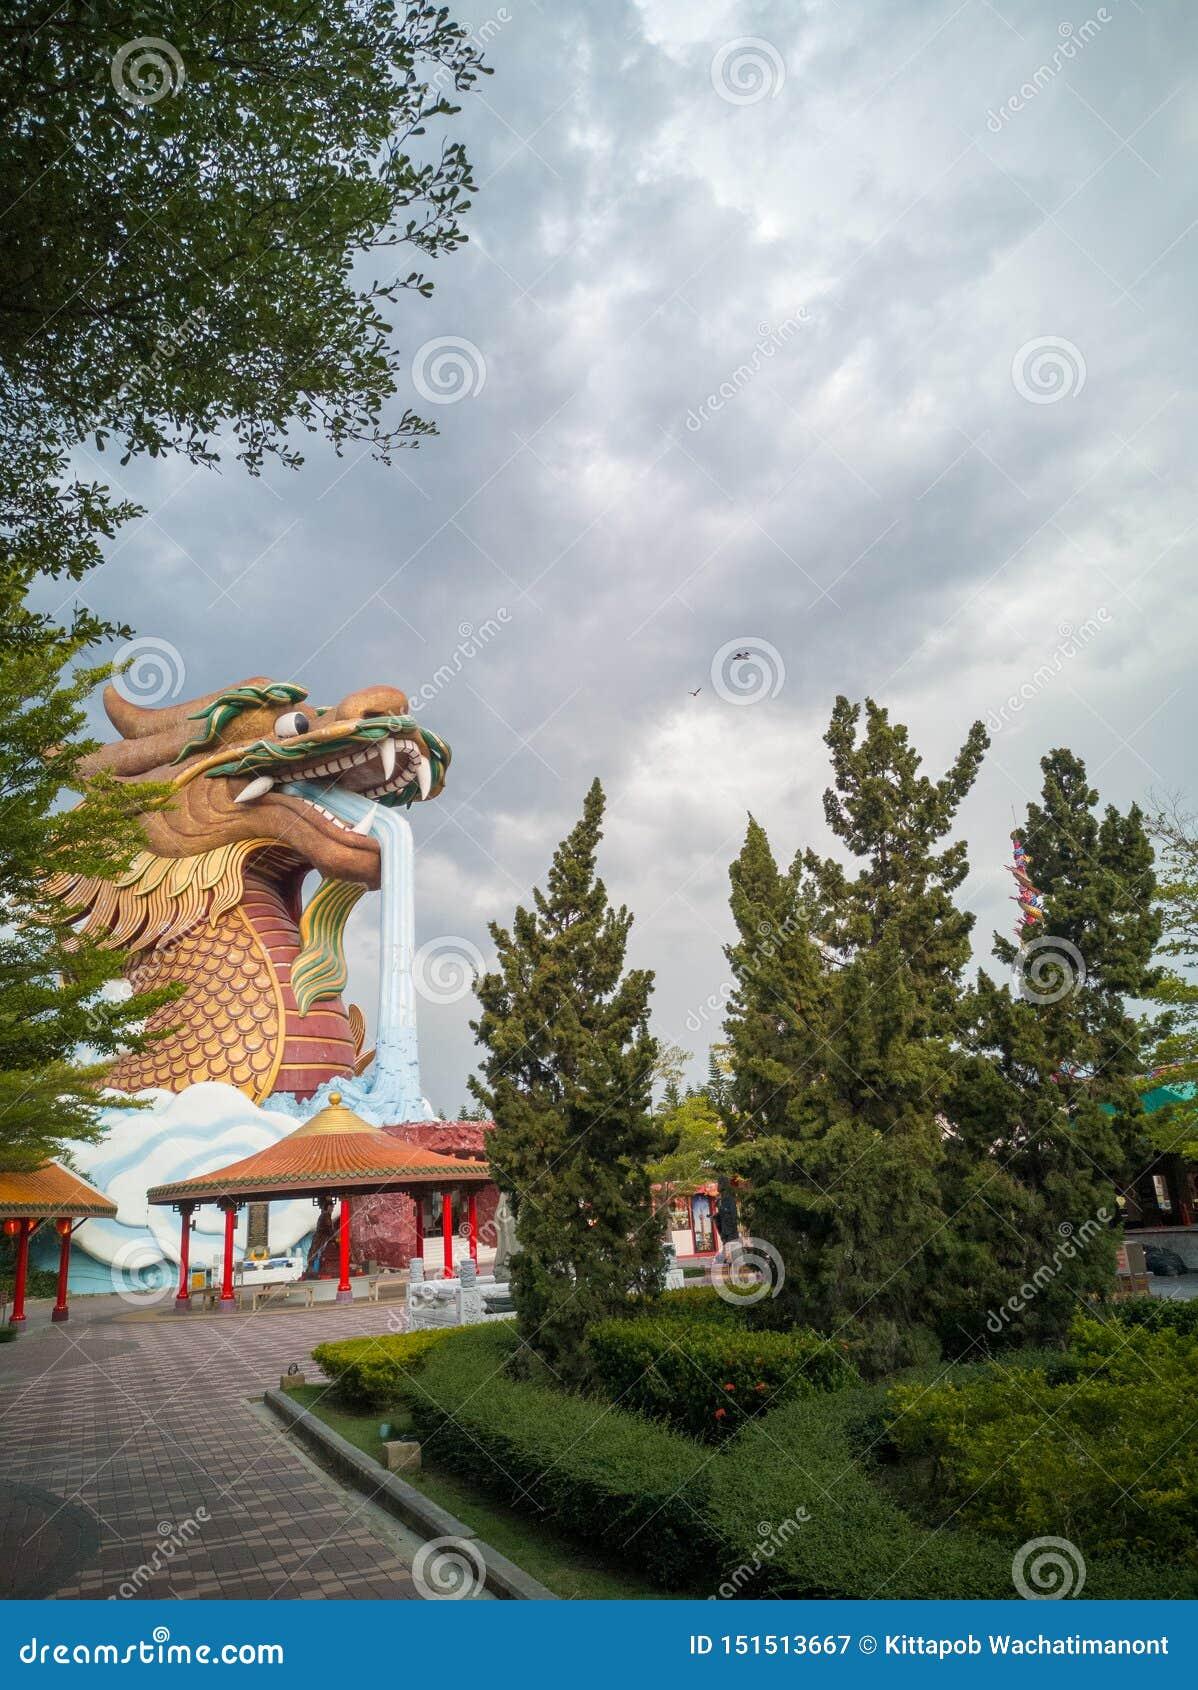 Большое здание дракона в саде пока небо близко идти дождь